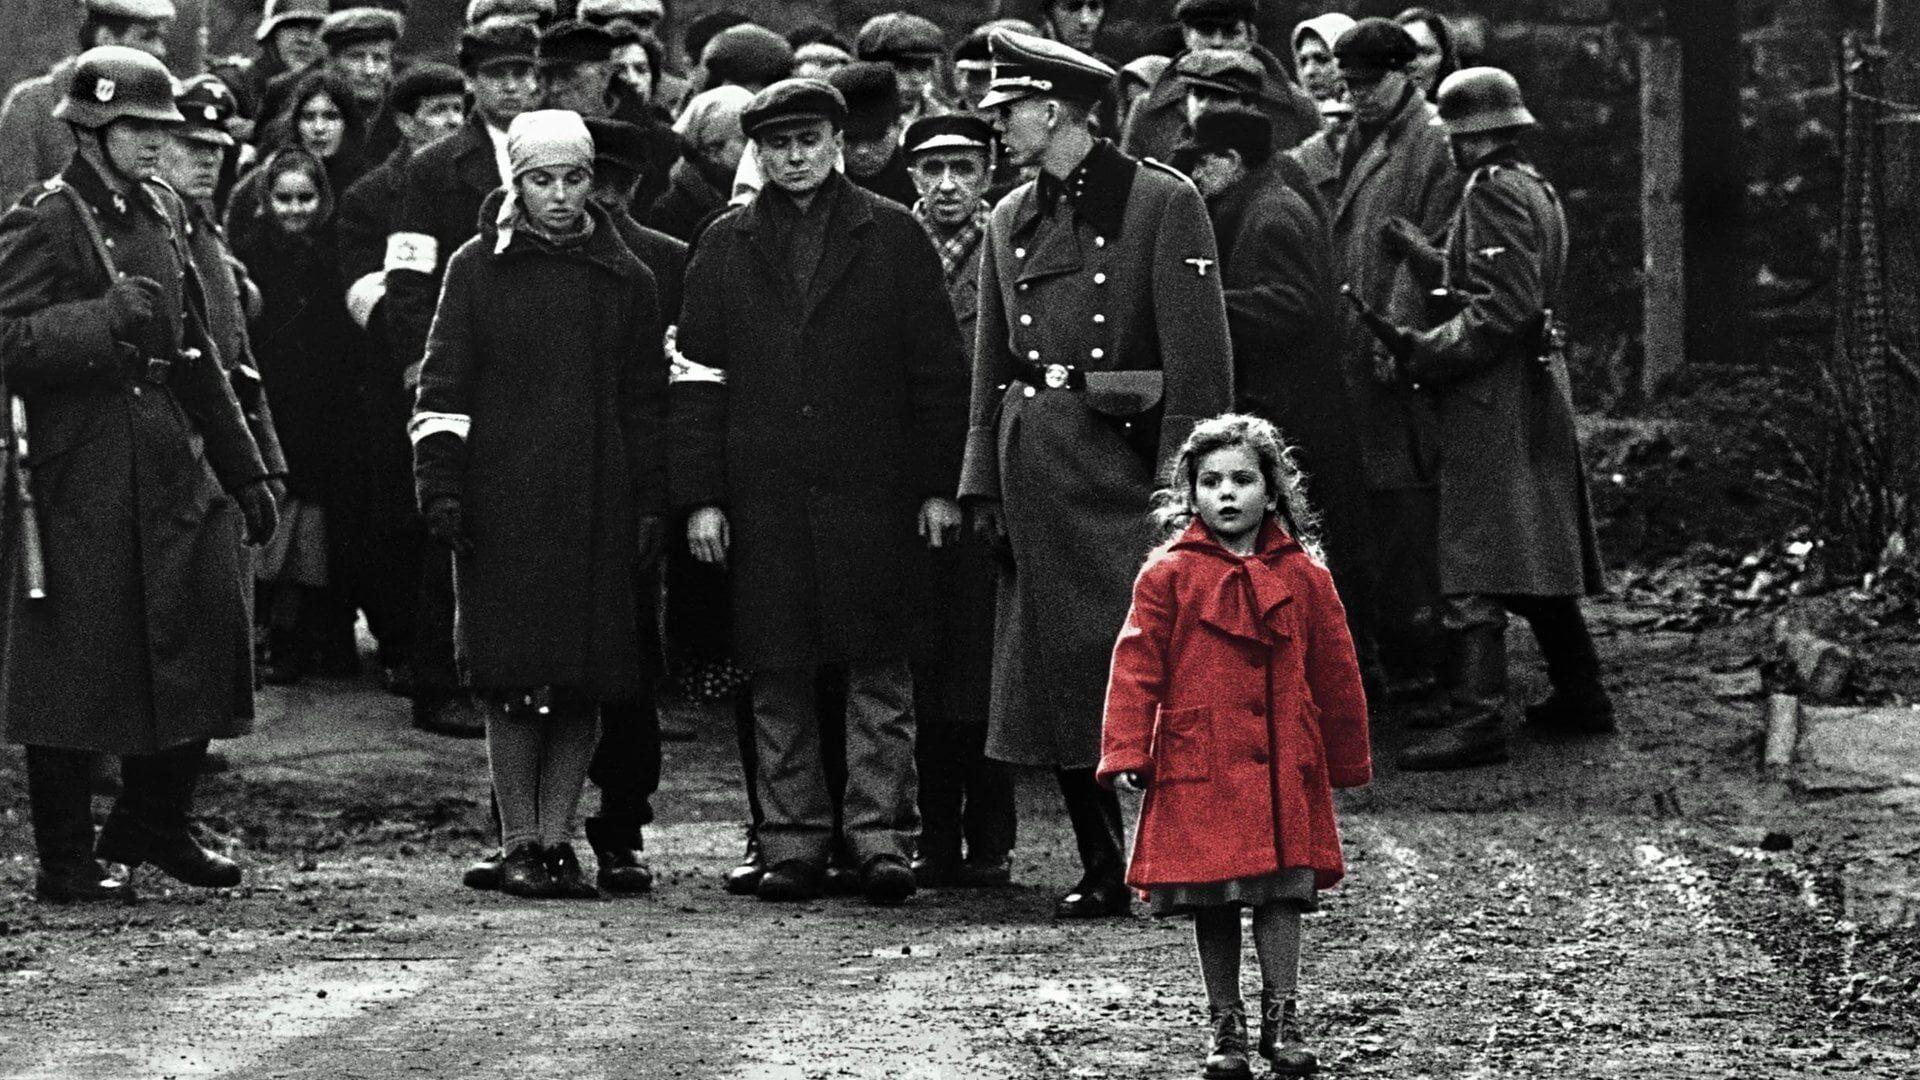 """Il Giorno della Memoria ricordato dagli alunni dell'Istituto Comprensivo """"Vitaliano Brancati"""" di Favara"""